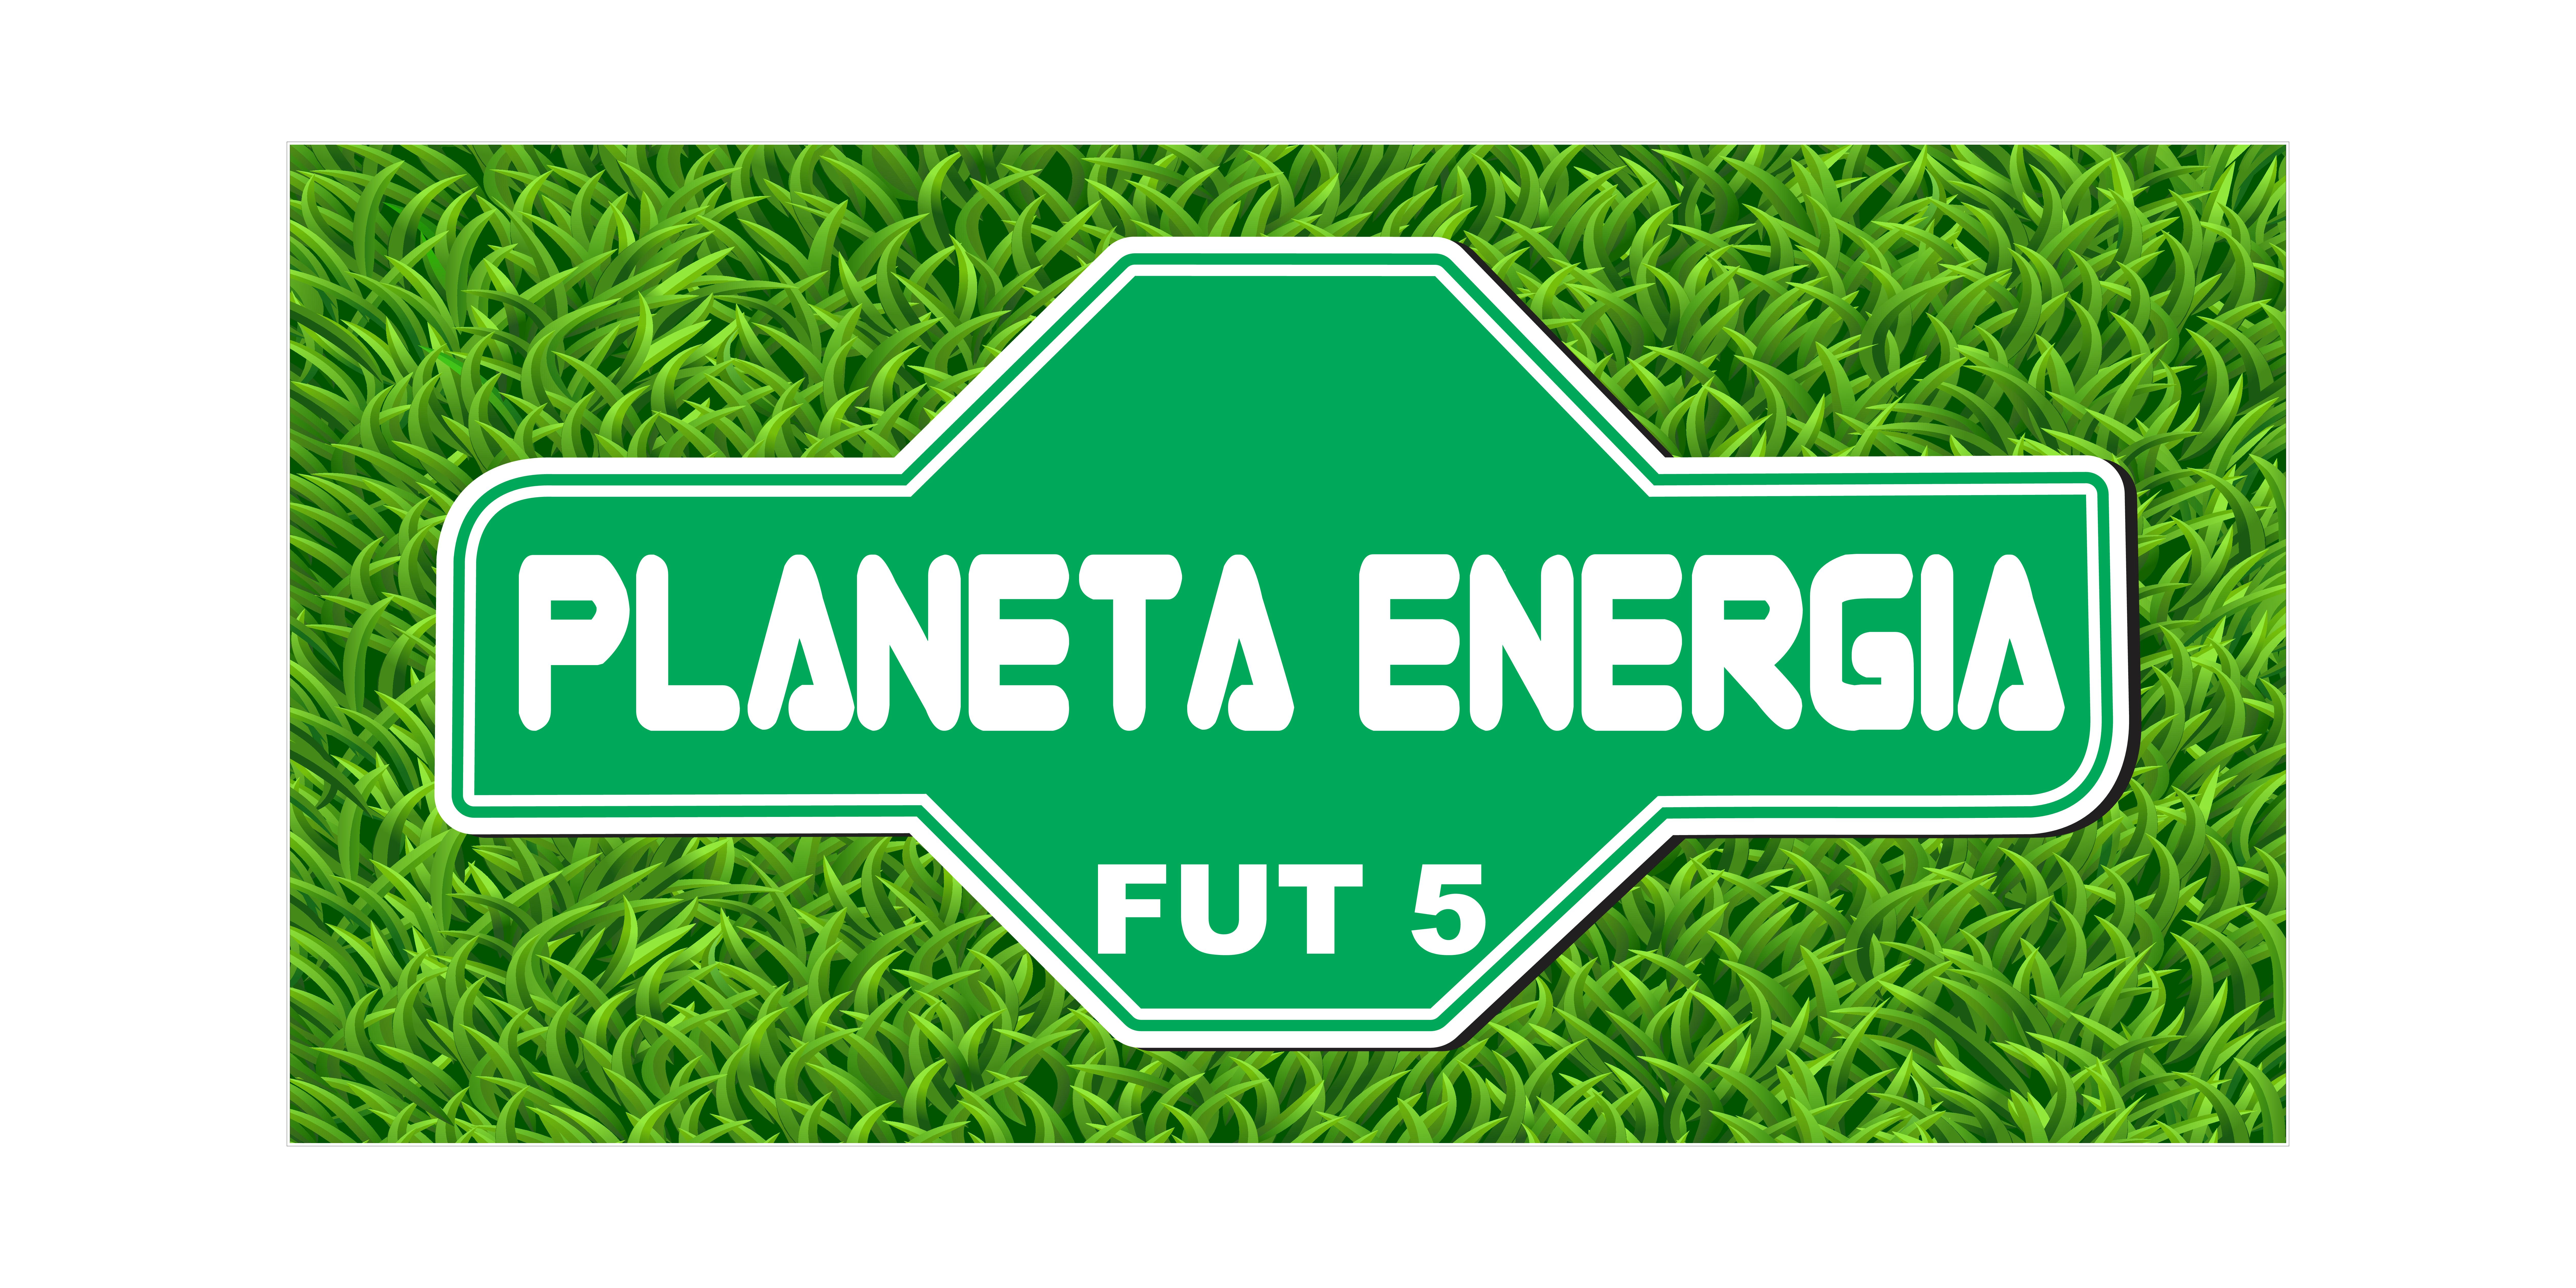 COLETES DE TREINO PARA ARENA SOCIETY FUT5 PLANETA ENERGIA DE TAPERA/RS.